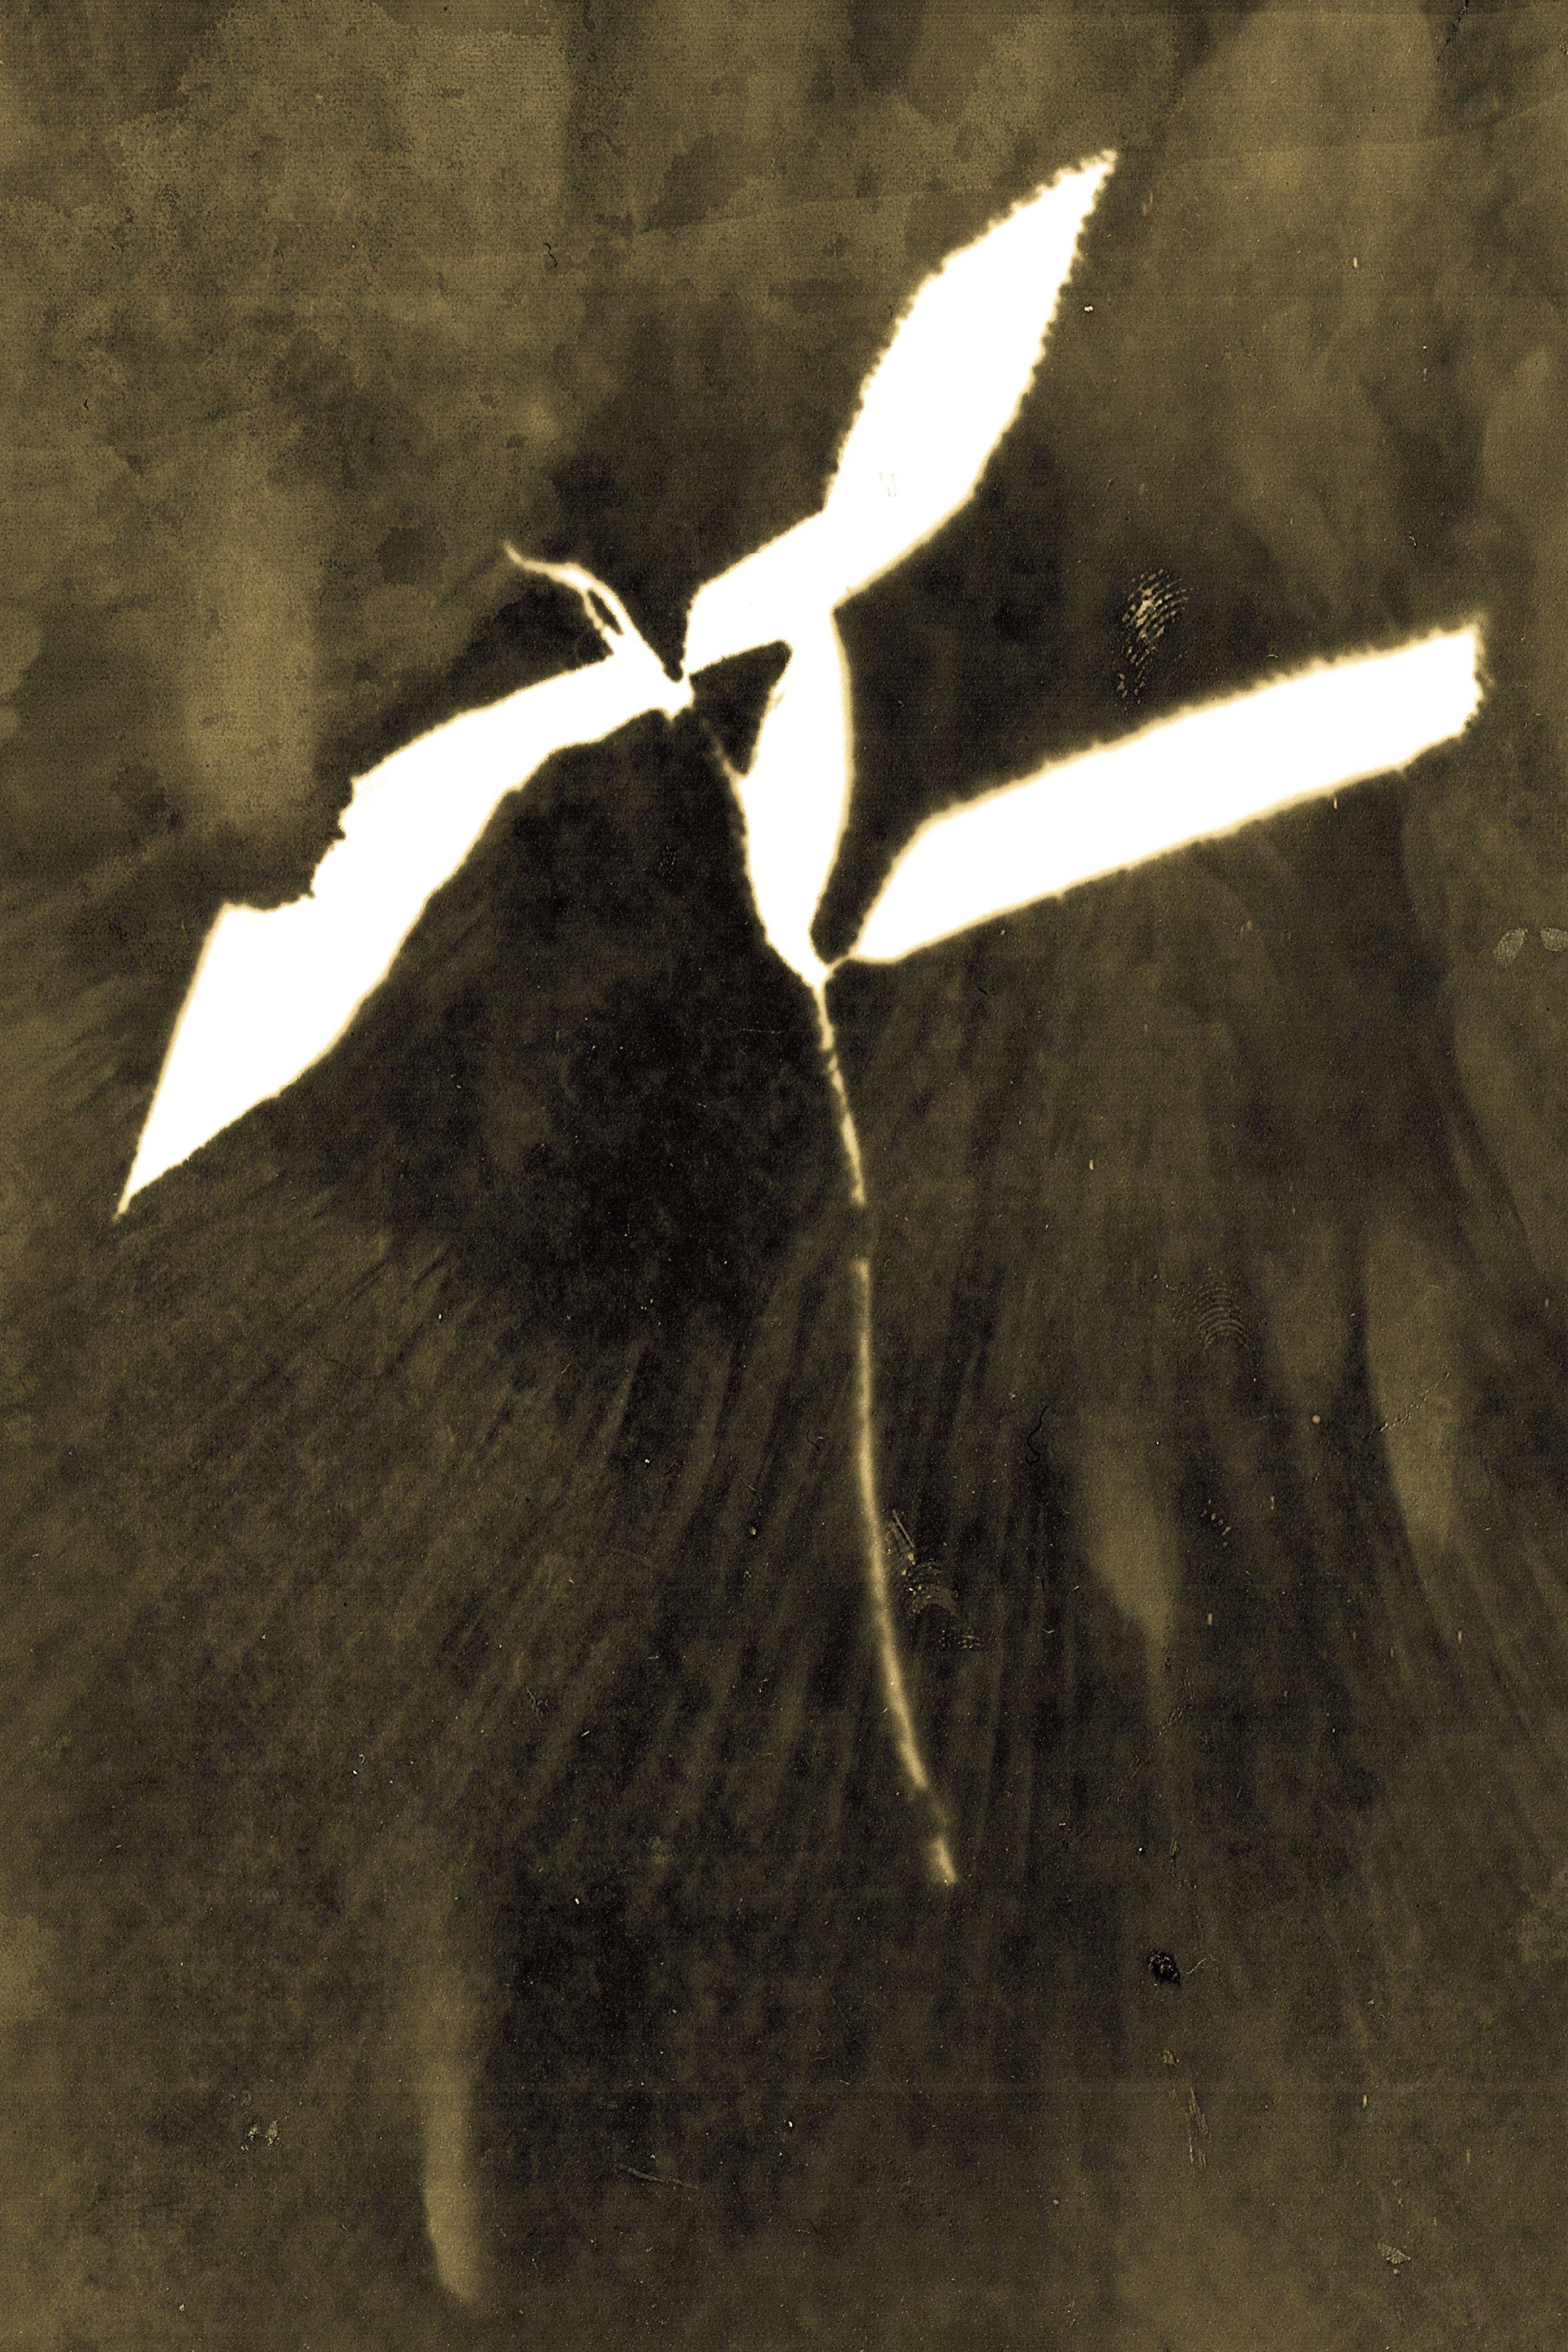 Malpighia spicata , fotograma en papel de algodón, 2011-2016 Zona de exclusión de Chernóbil, Ucrania Nivel de radiación: 1.7 microsieverts/h (por Anaïs Tondeur)